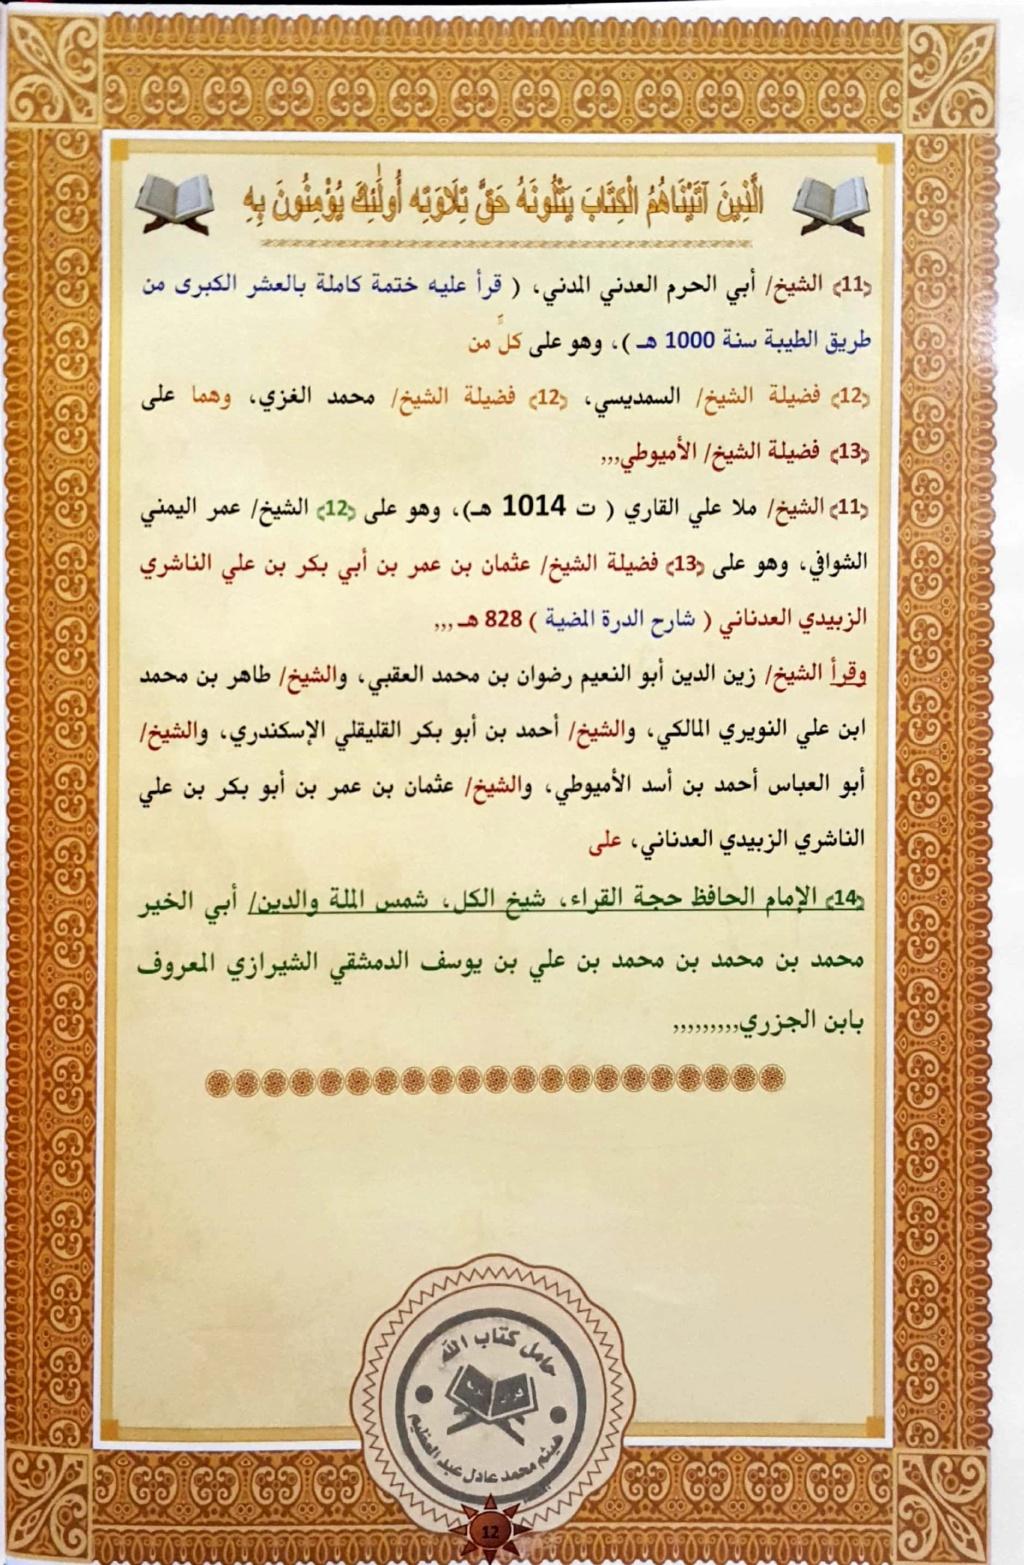 إجازة الشيخ أحمد محمد لبن بقراءة الإمام عاصم  Aeo_aa24